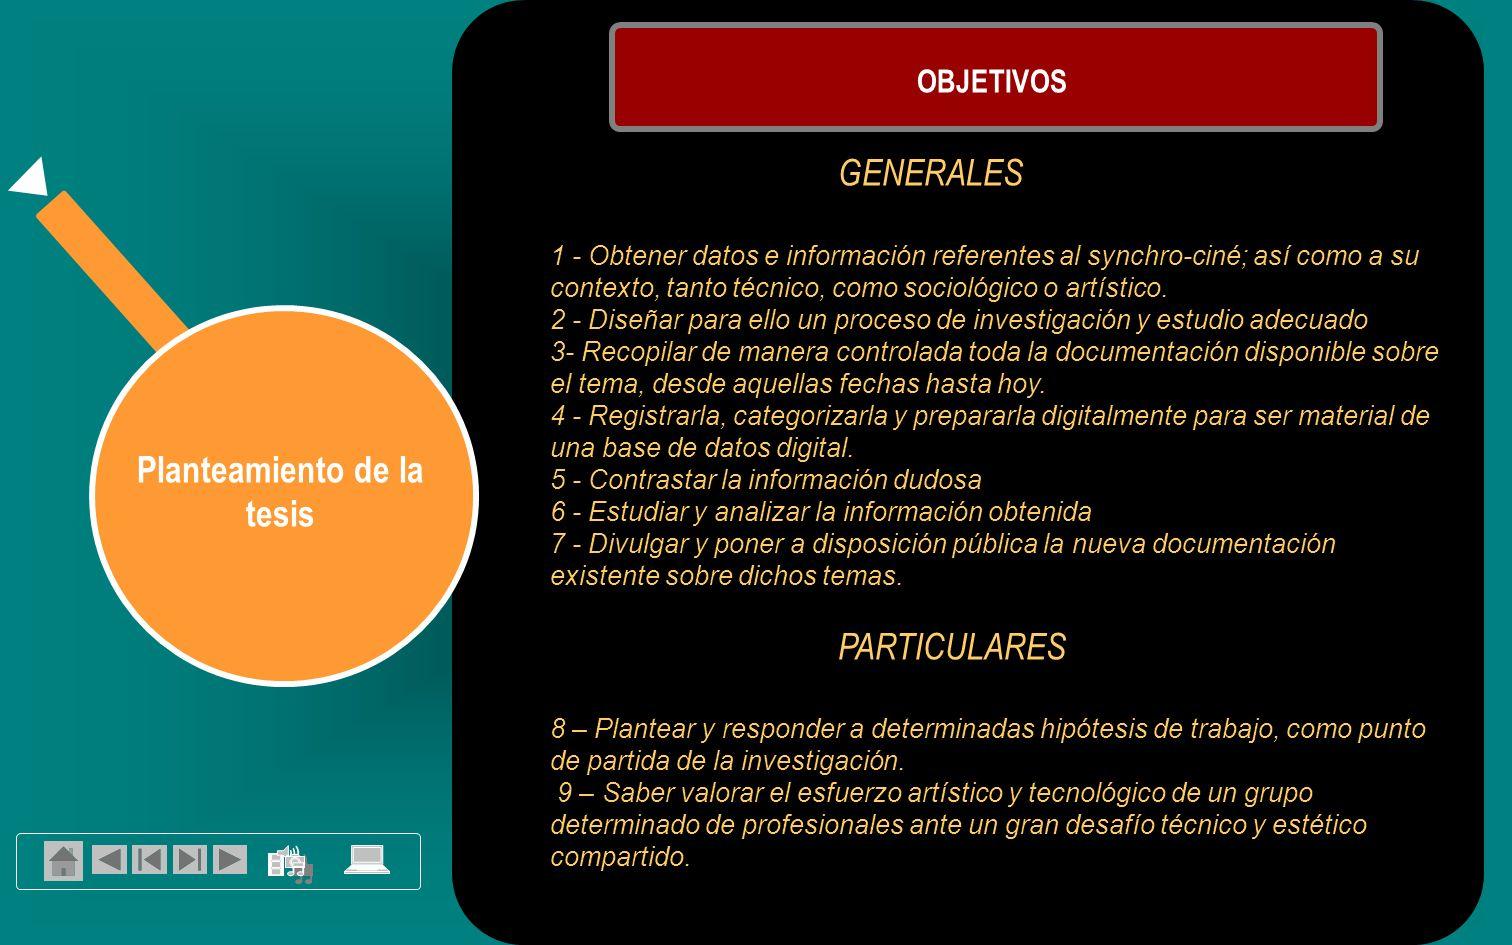 Planteamiento de la tesis OBJETIVOS GENERALES 1 - Obtener datos e información referentes al synchro-ciné; así como a su contexto, tanto técnico, como sociológico o artístico.